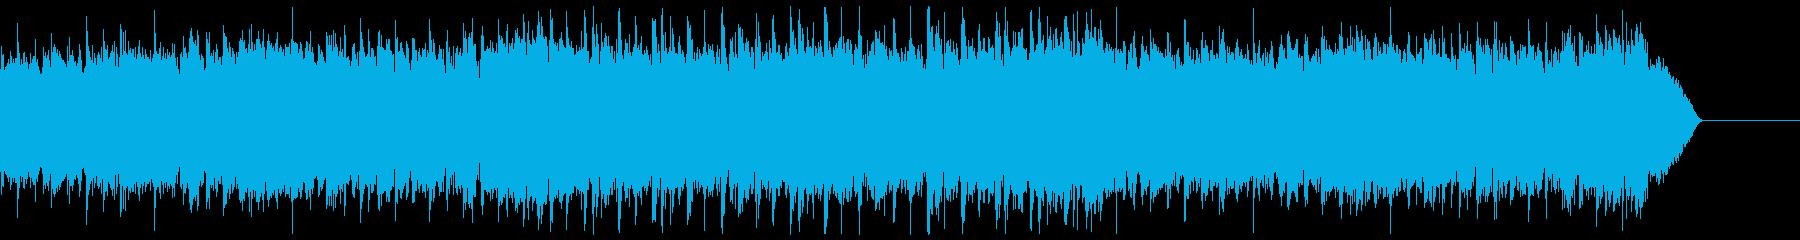 穏やかな日常・CM・ストリングスポップの再生済みの波形